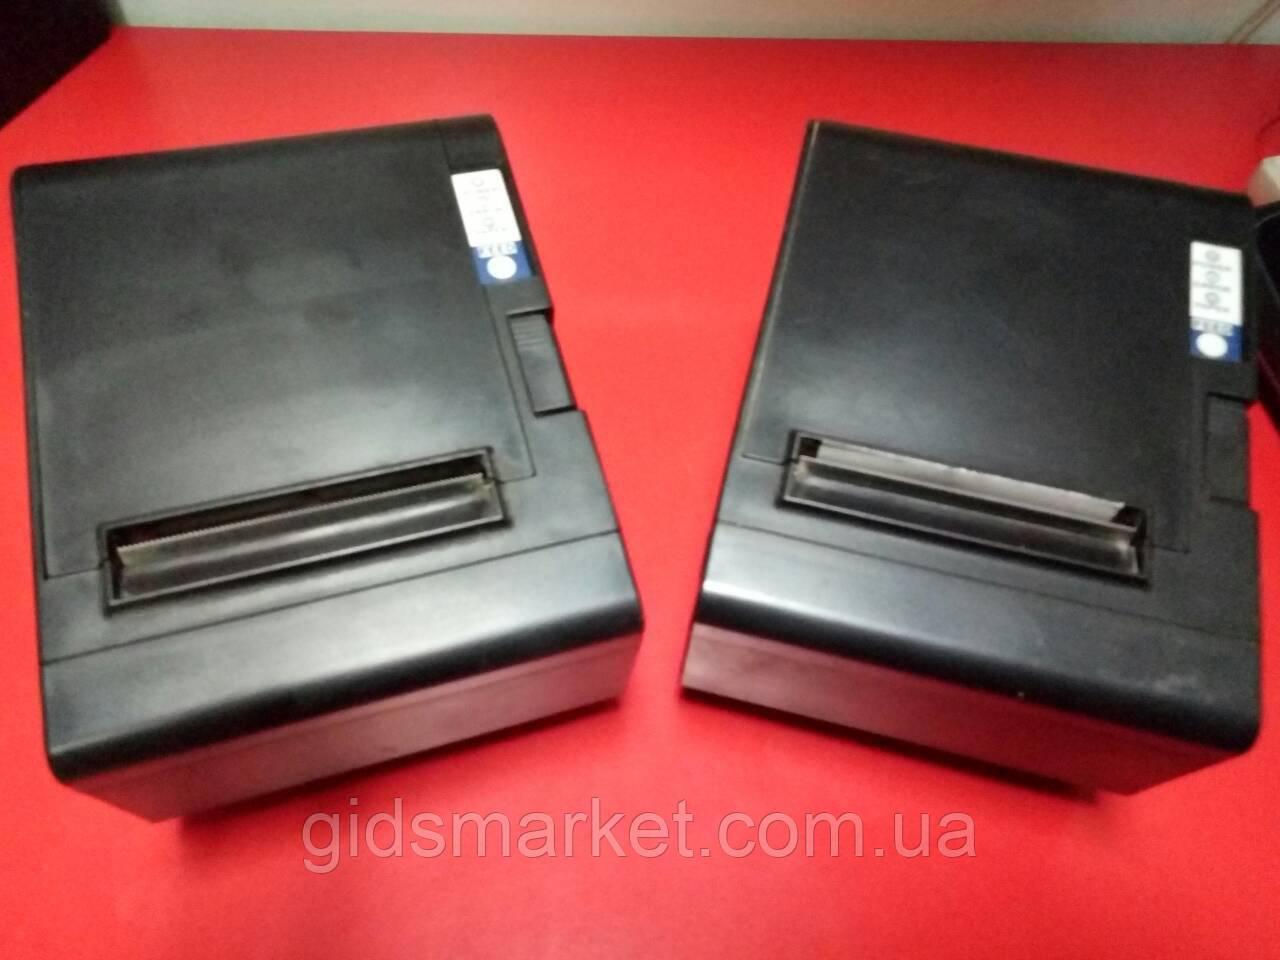 Принтер для чеков  LABAU TM-200  бу. Принтер для чеков б/у.